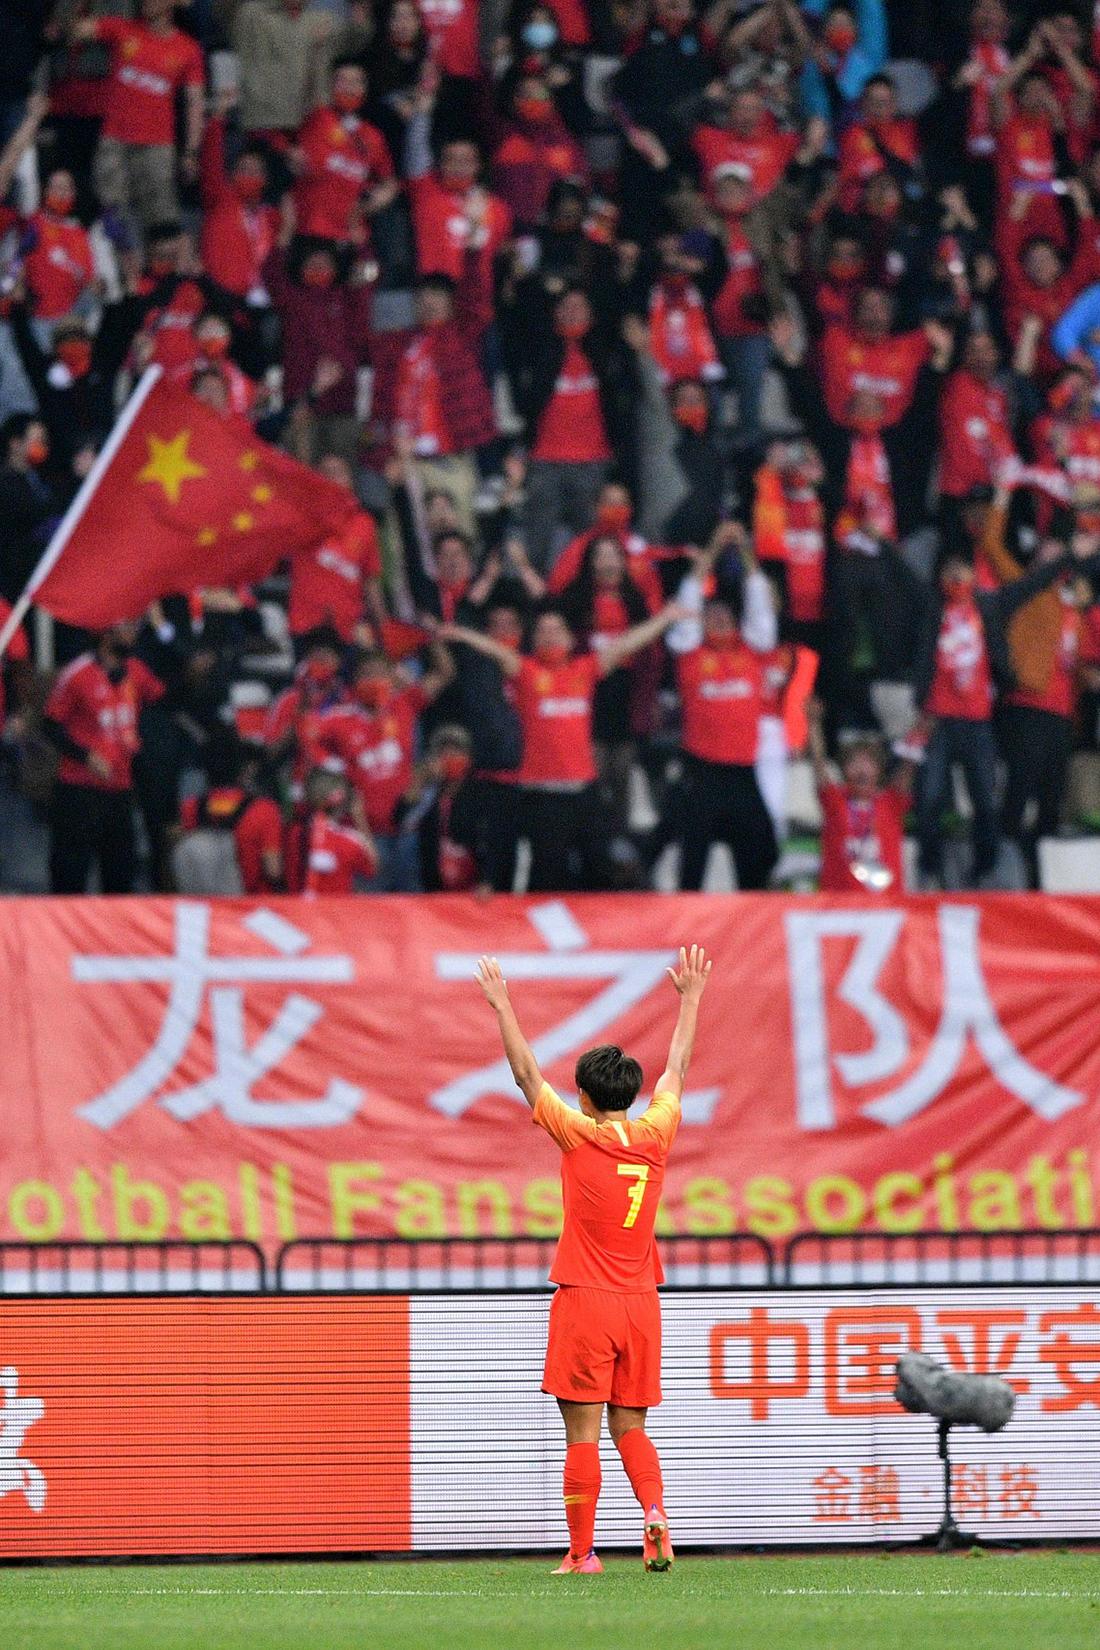 进球后,王霜跑向看台向中国球迷致谢。她帮助中国女足打进了决胜的进球。